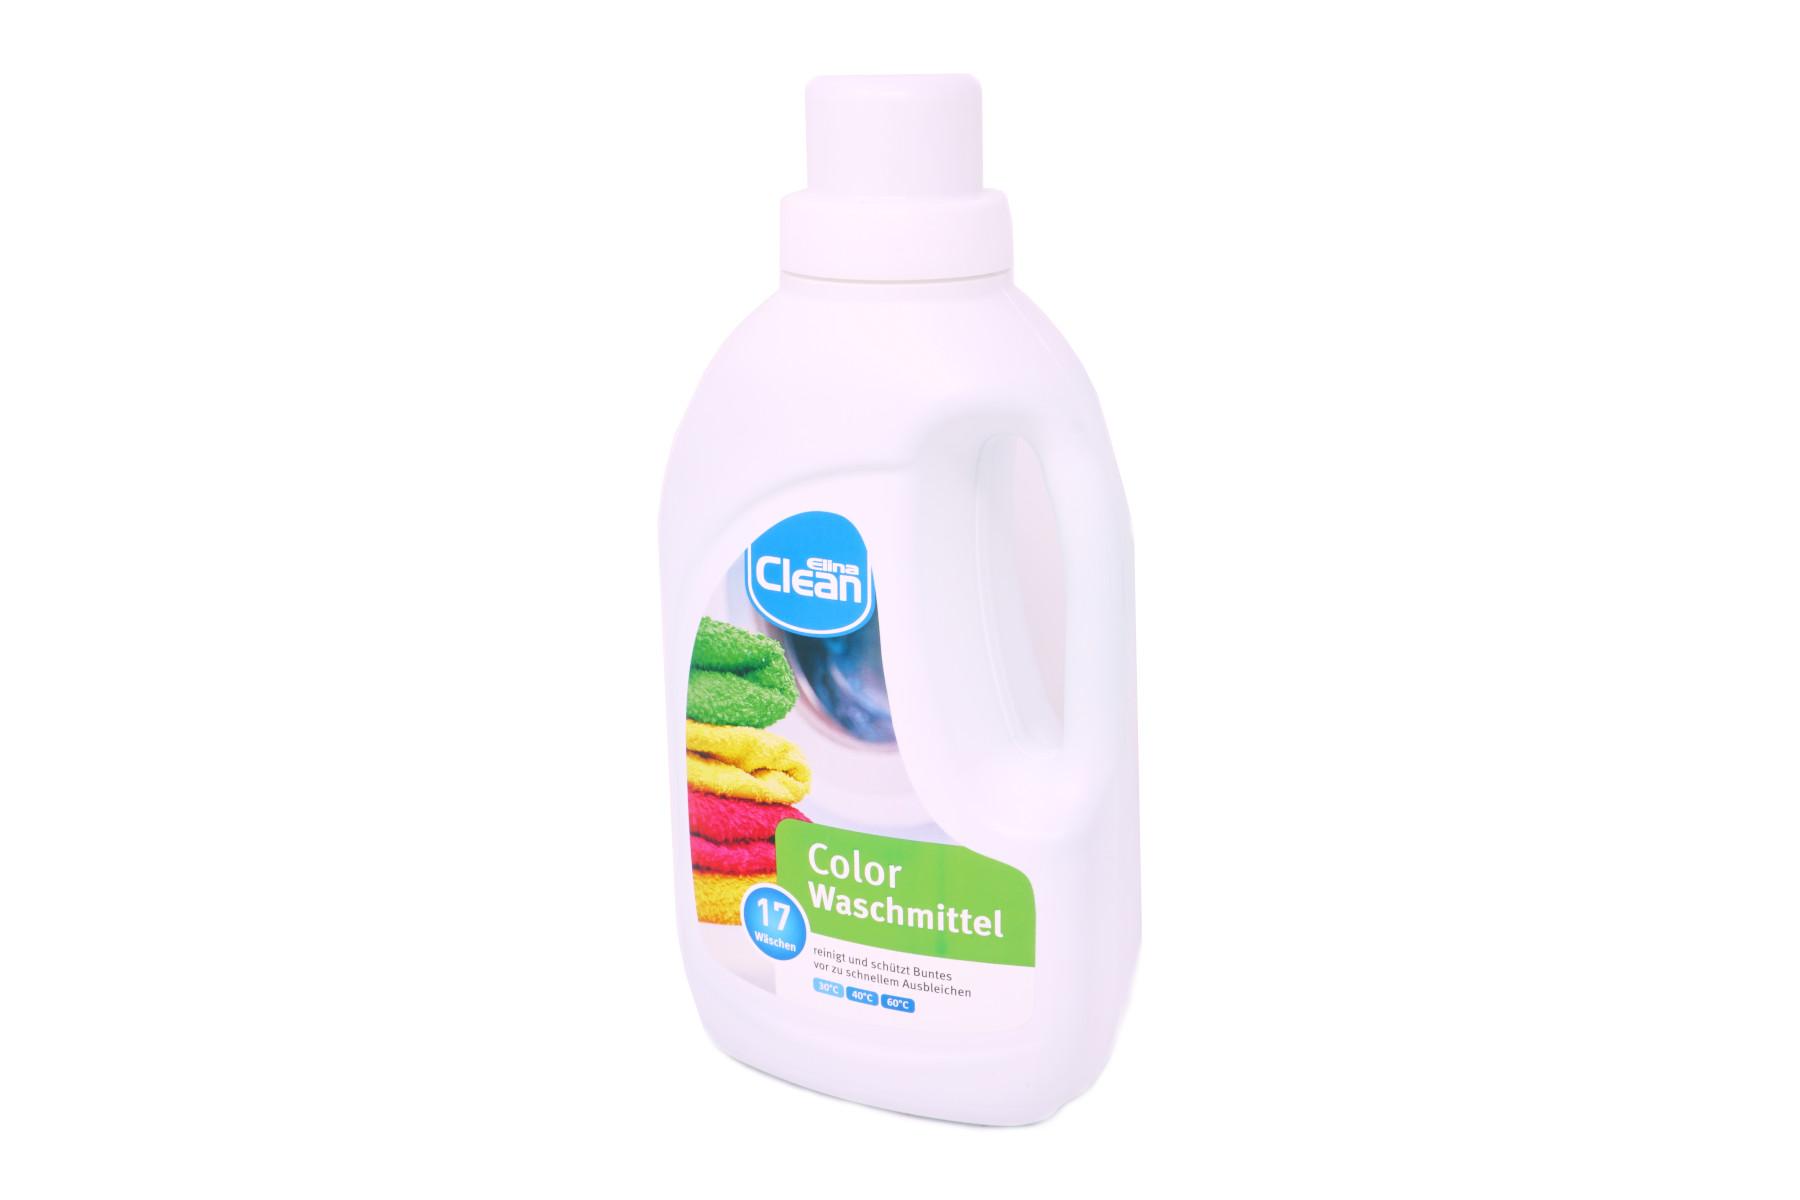 Colorwaschmittel Für Weiße Wäsche